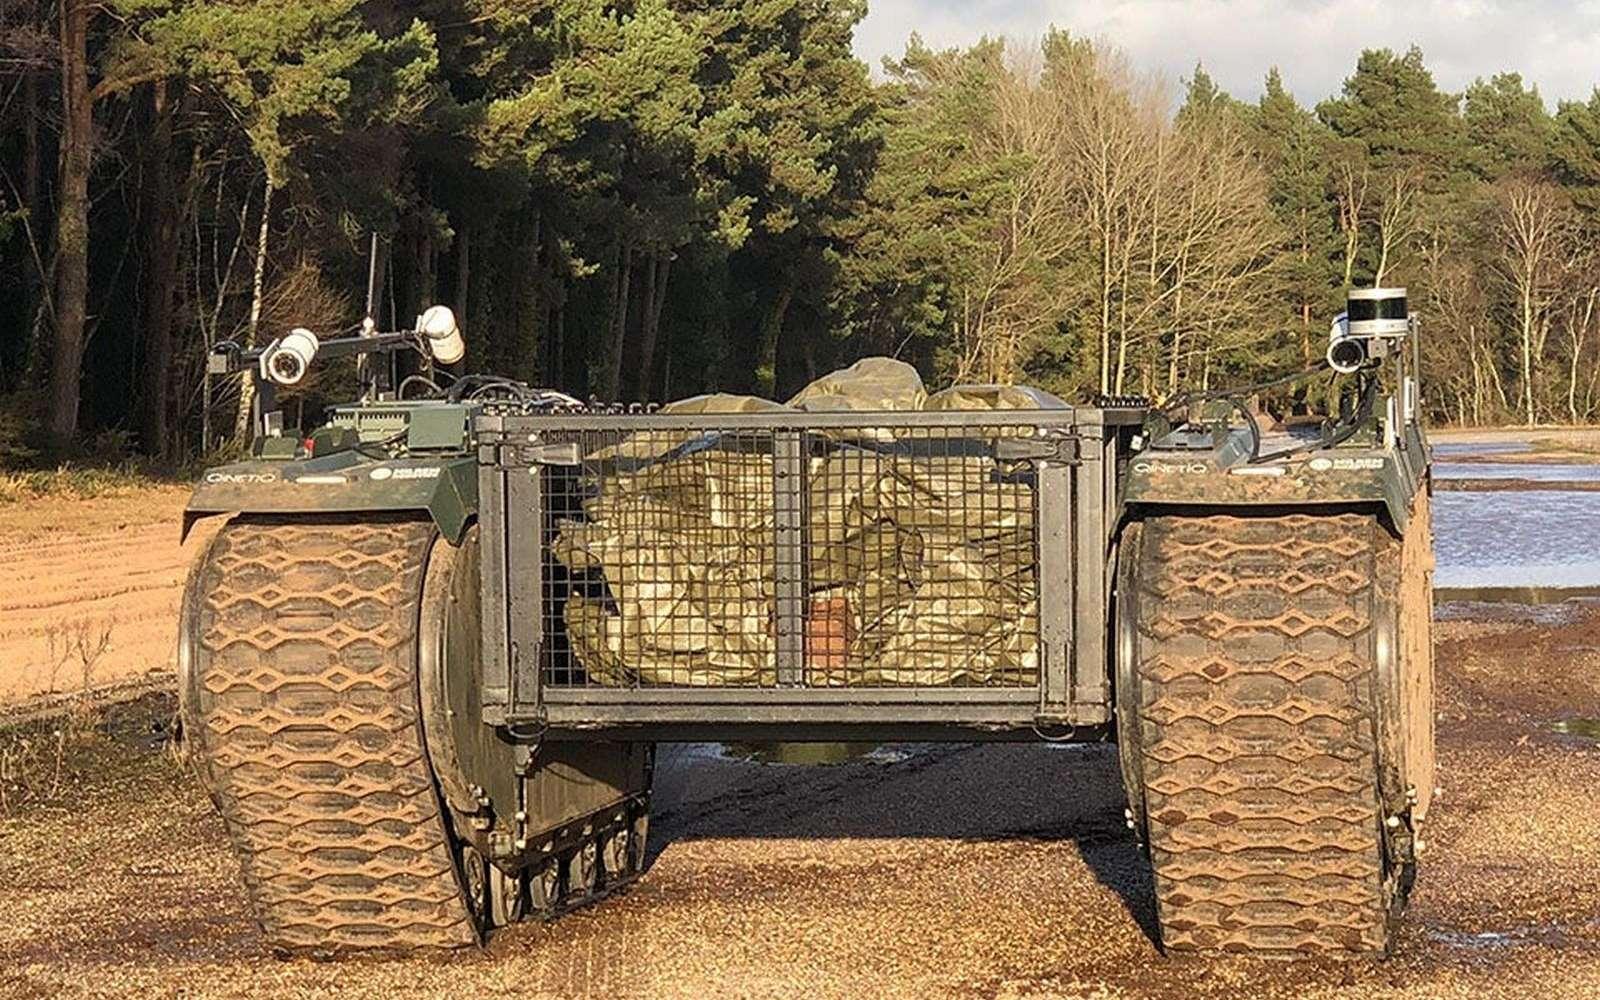 Le Royaume-Uni vient d'entamer son plus important exercice militaire impliquant des systèmes robotisés autonomes. © Crown Copyright